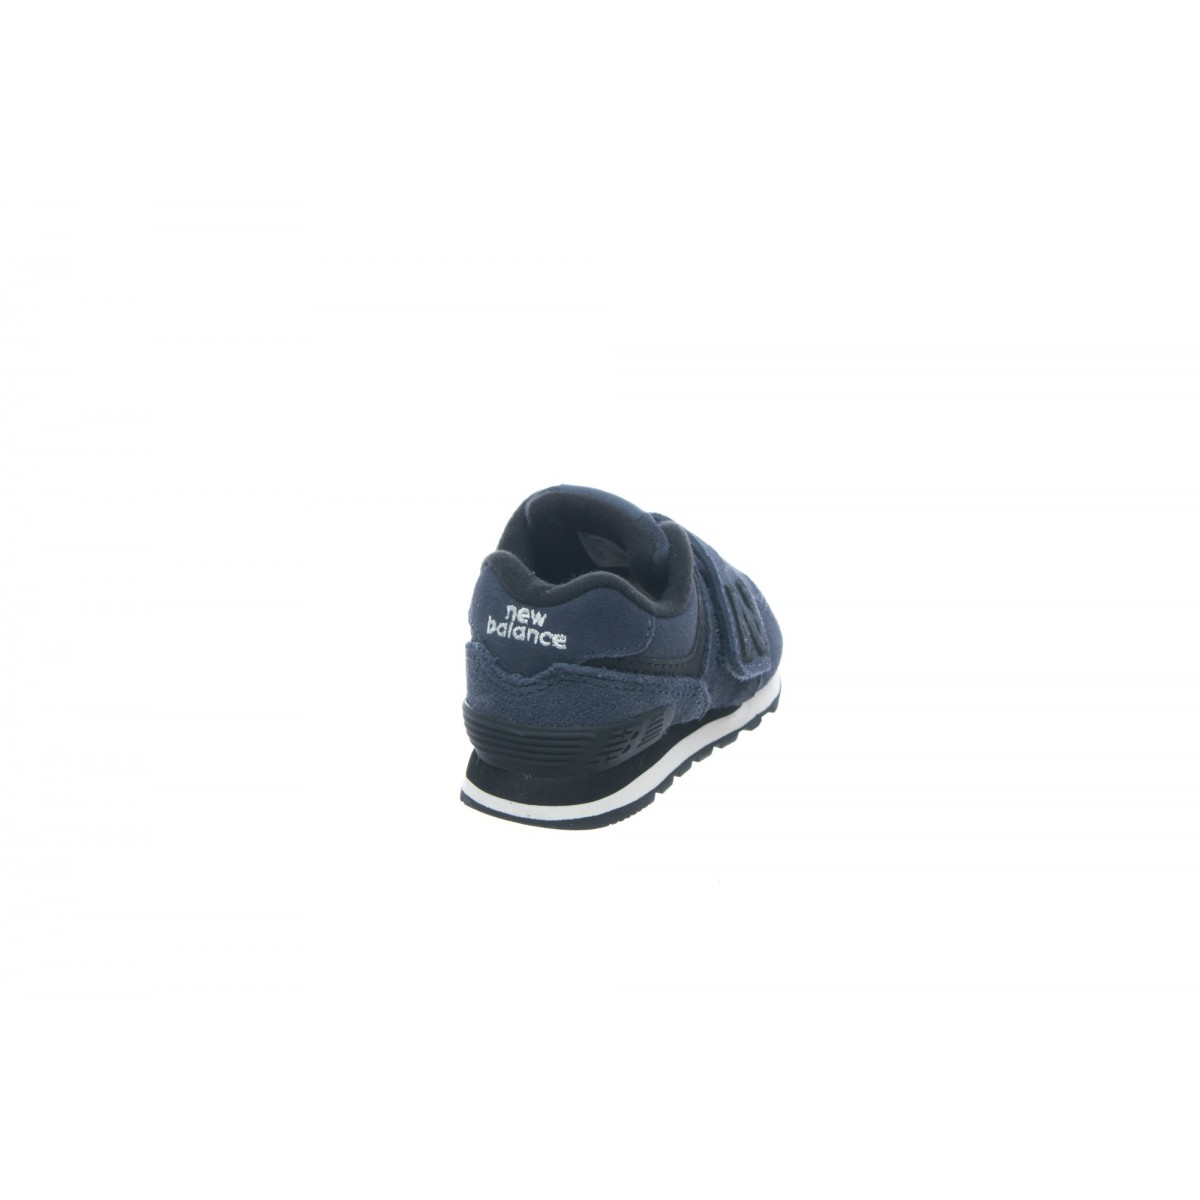 Scarpe - Iv574 er infant